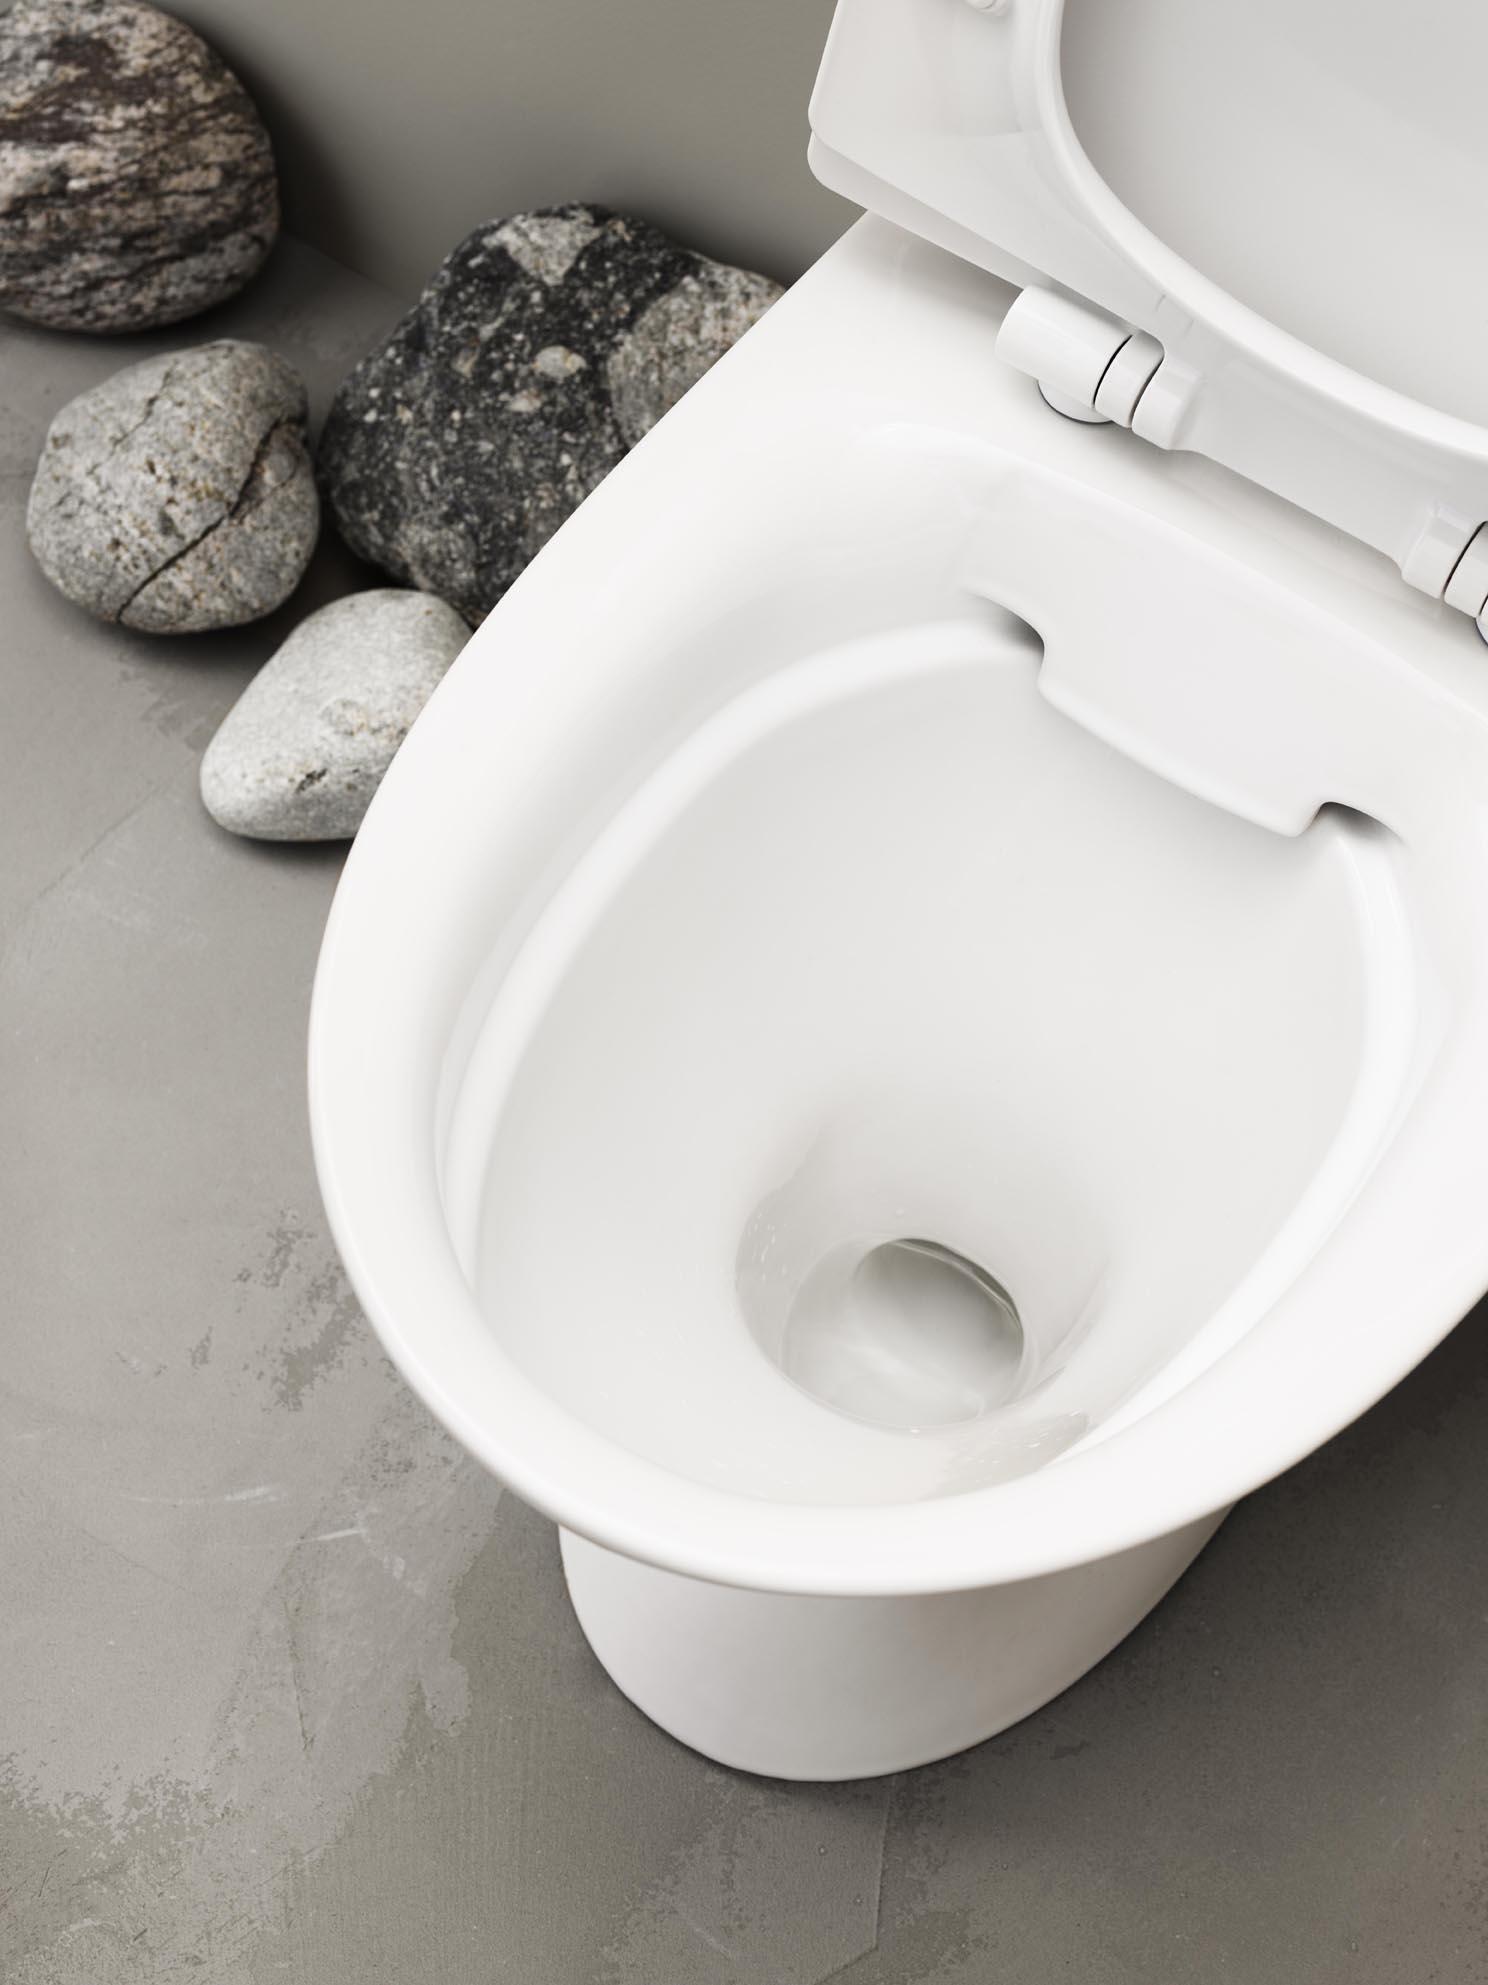 IFÖø s toiletter har en speciel glasur der er let at rengøre, den kalder de Ifö clean.